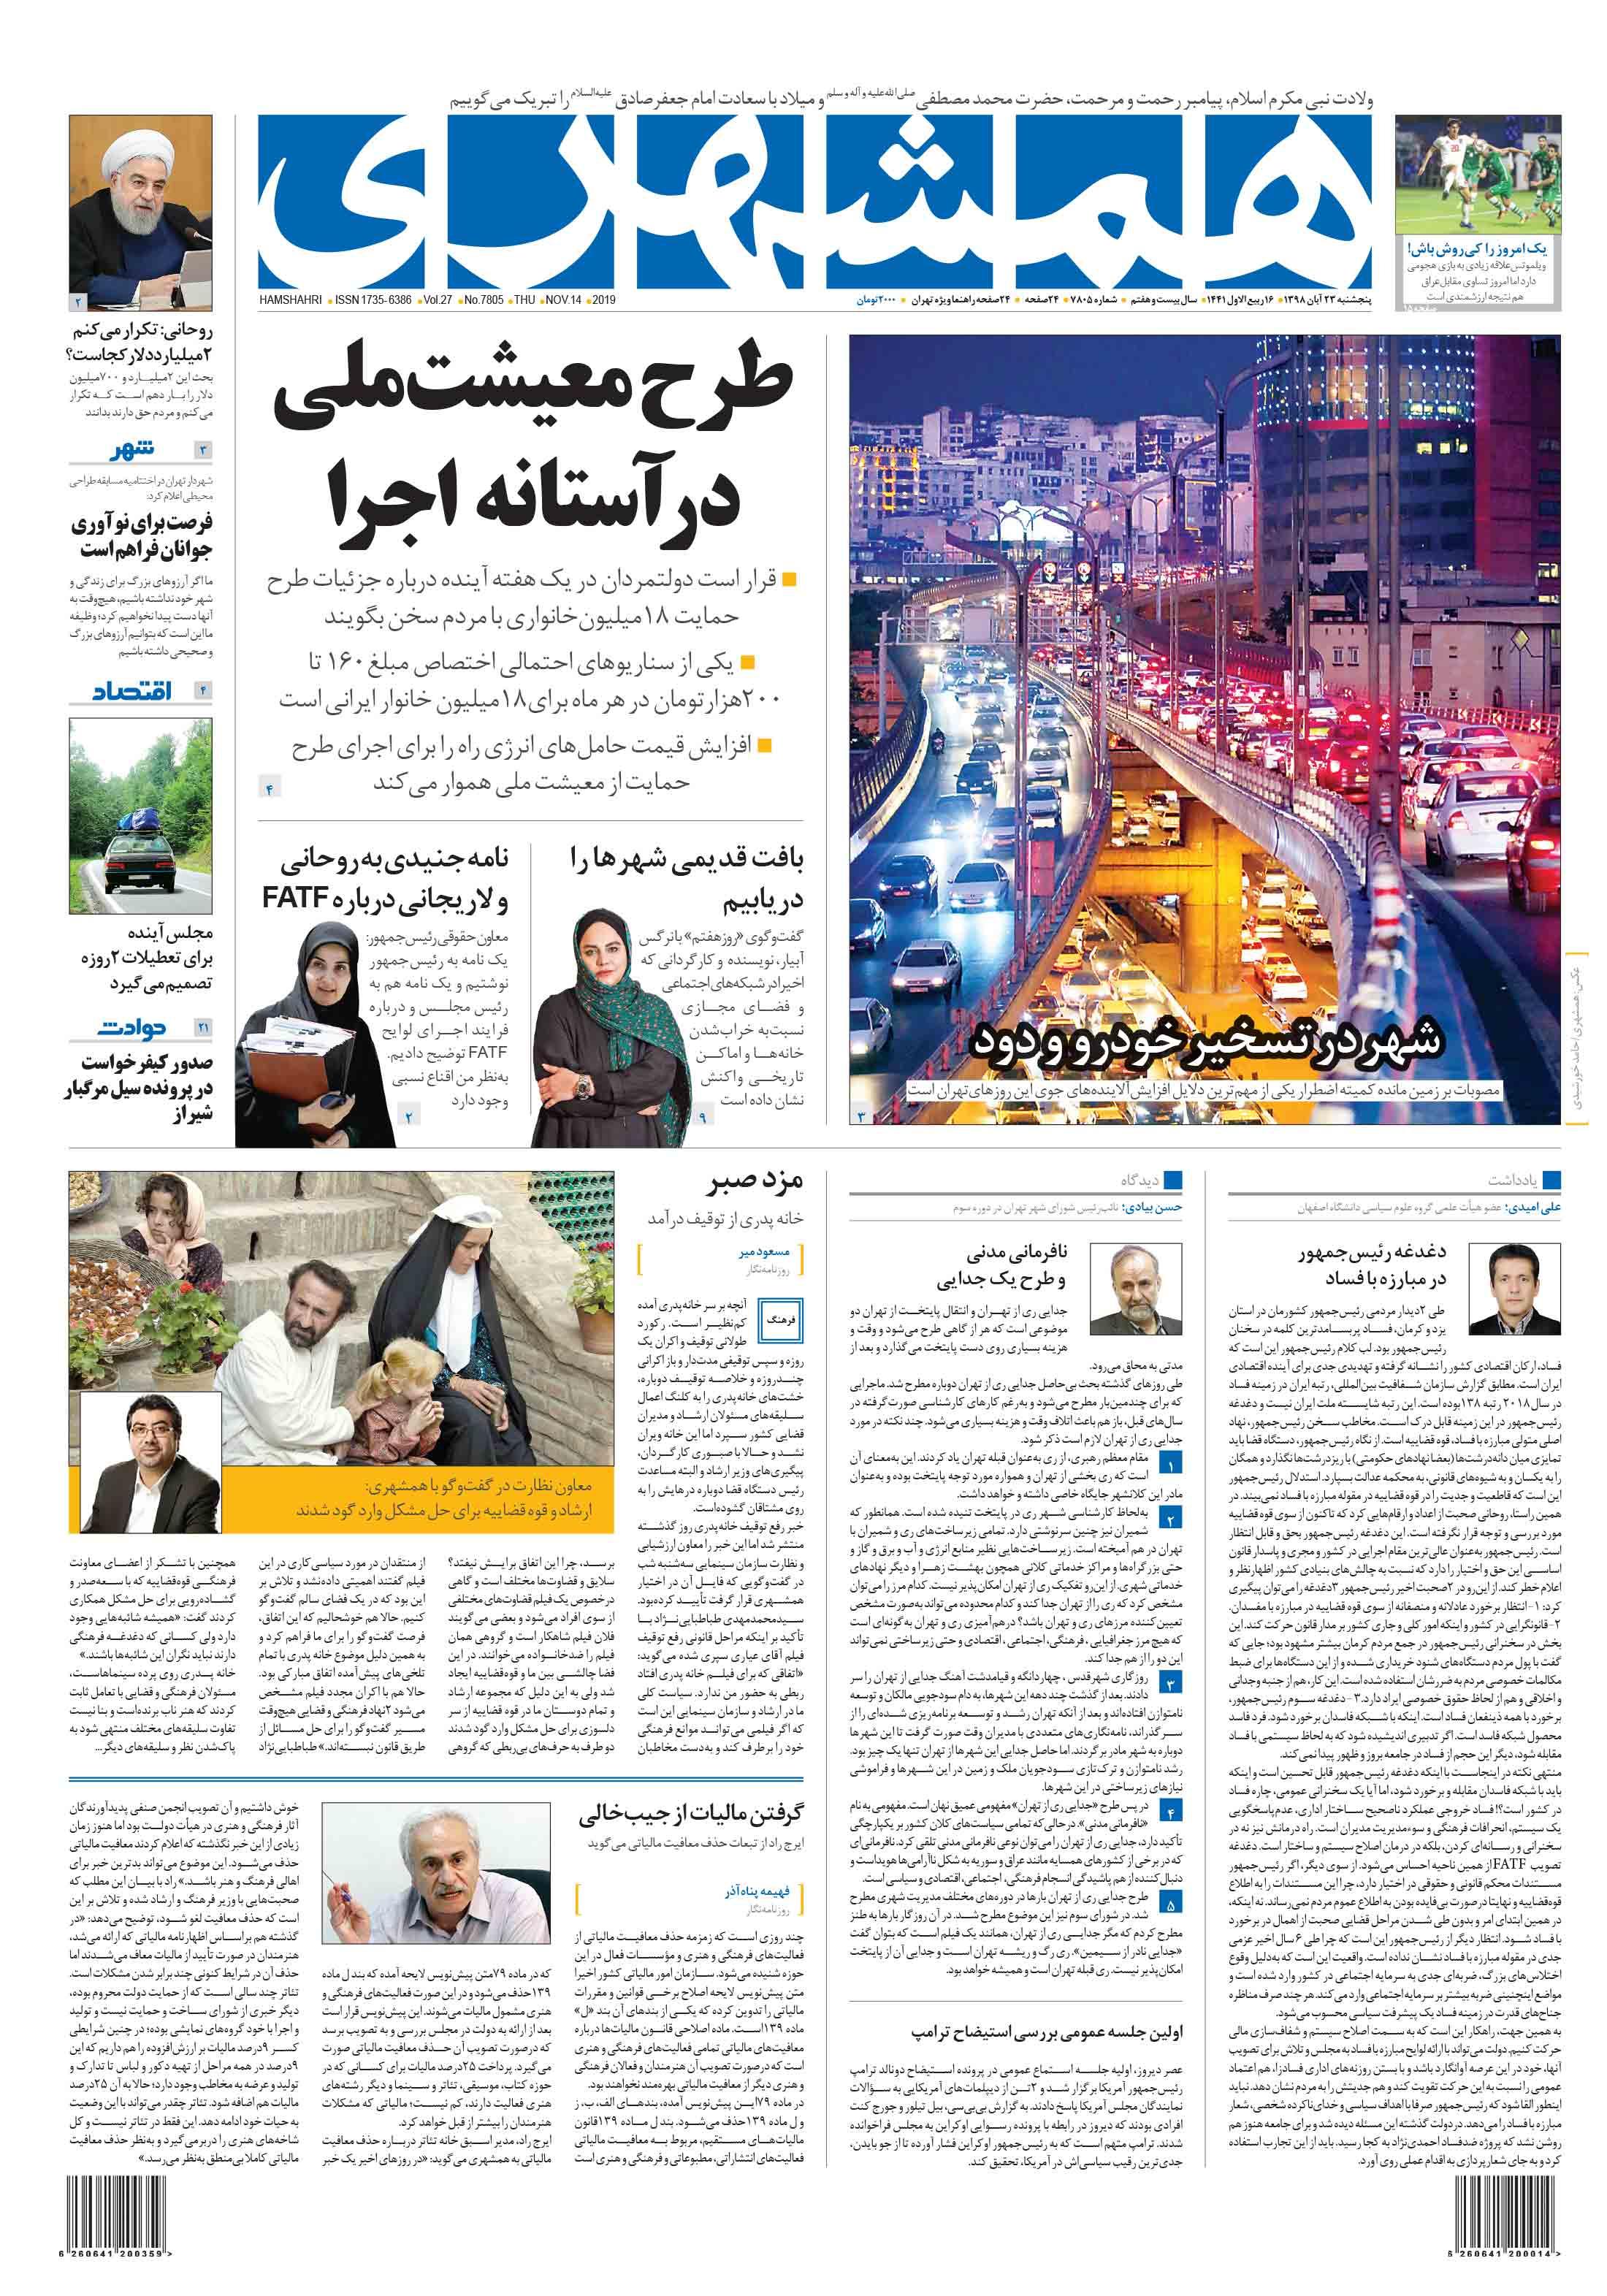 صفحه اول پنجشنبه 23 آبان 1398